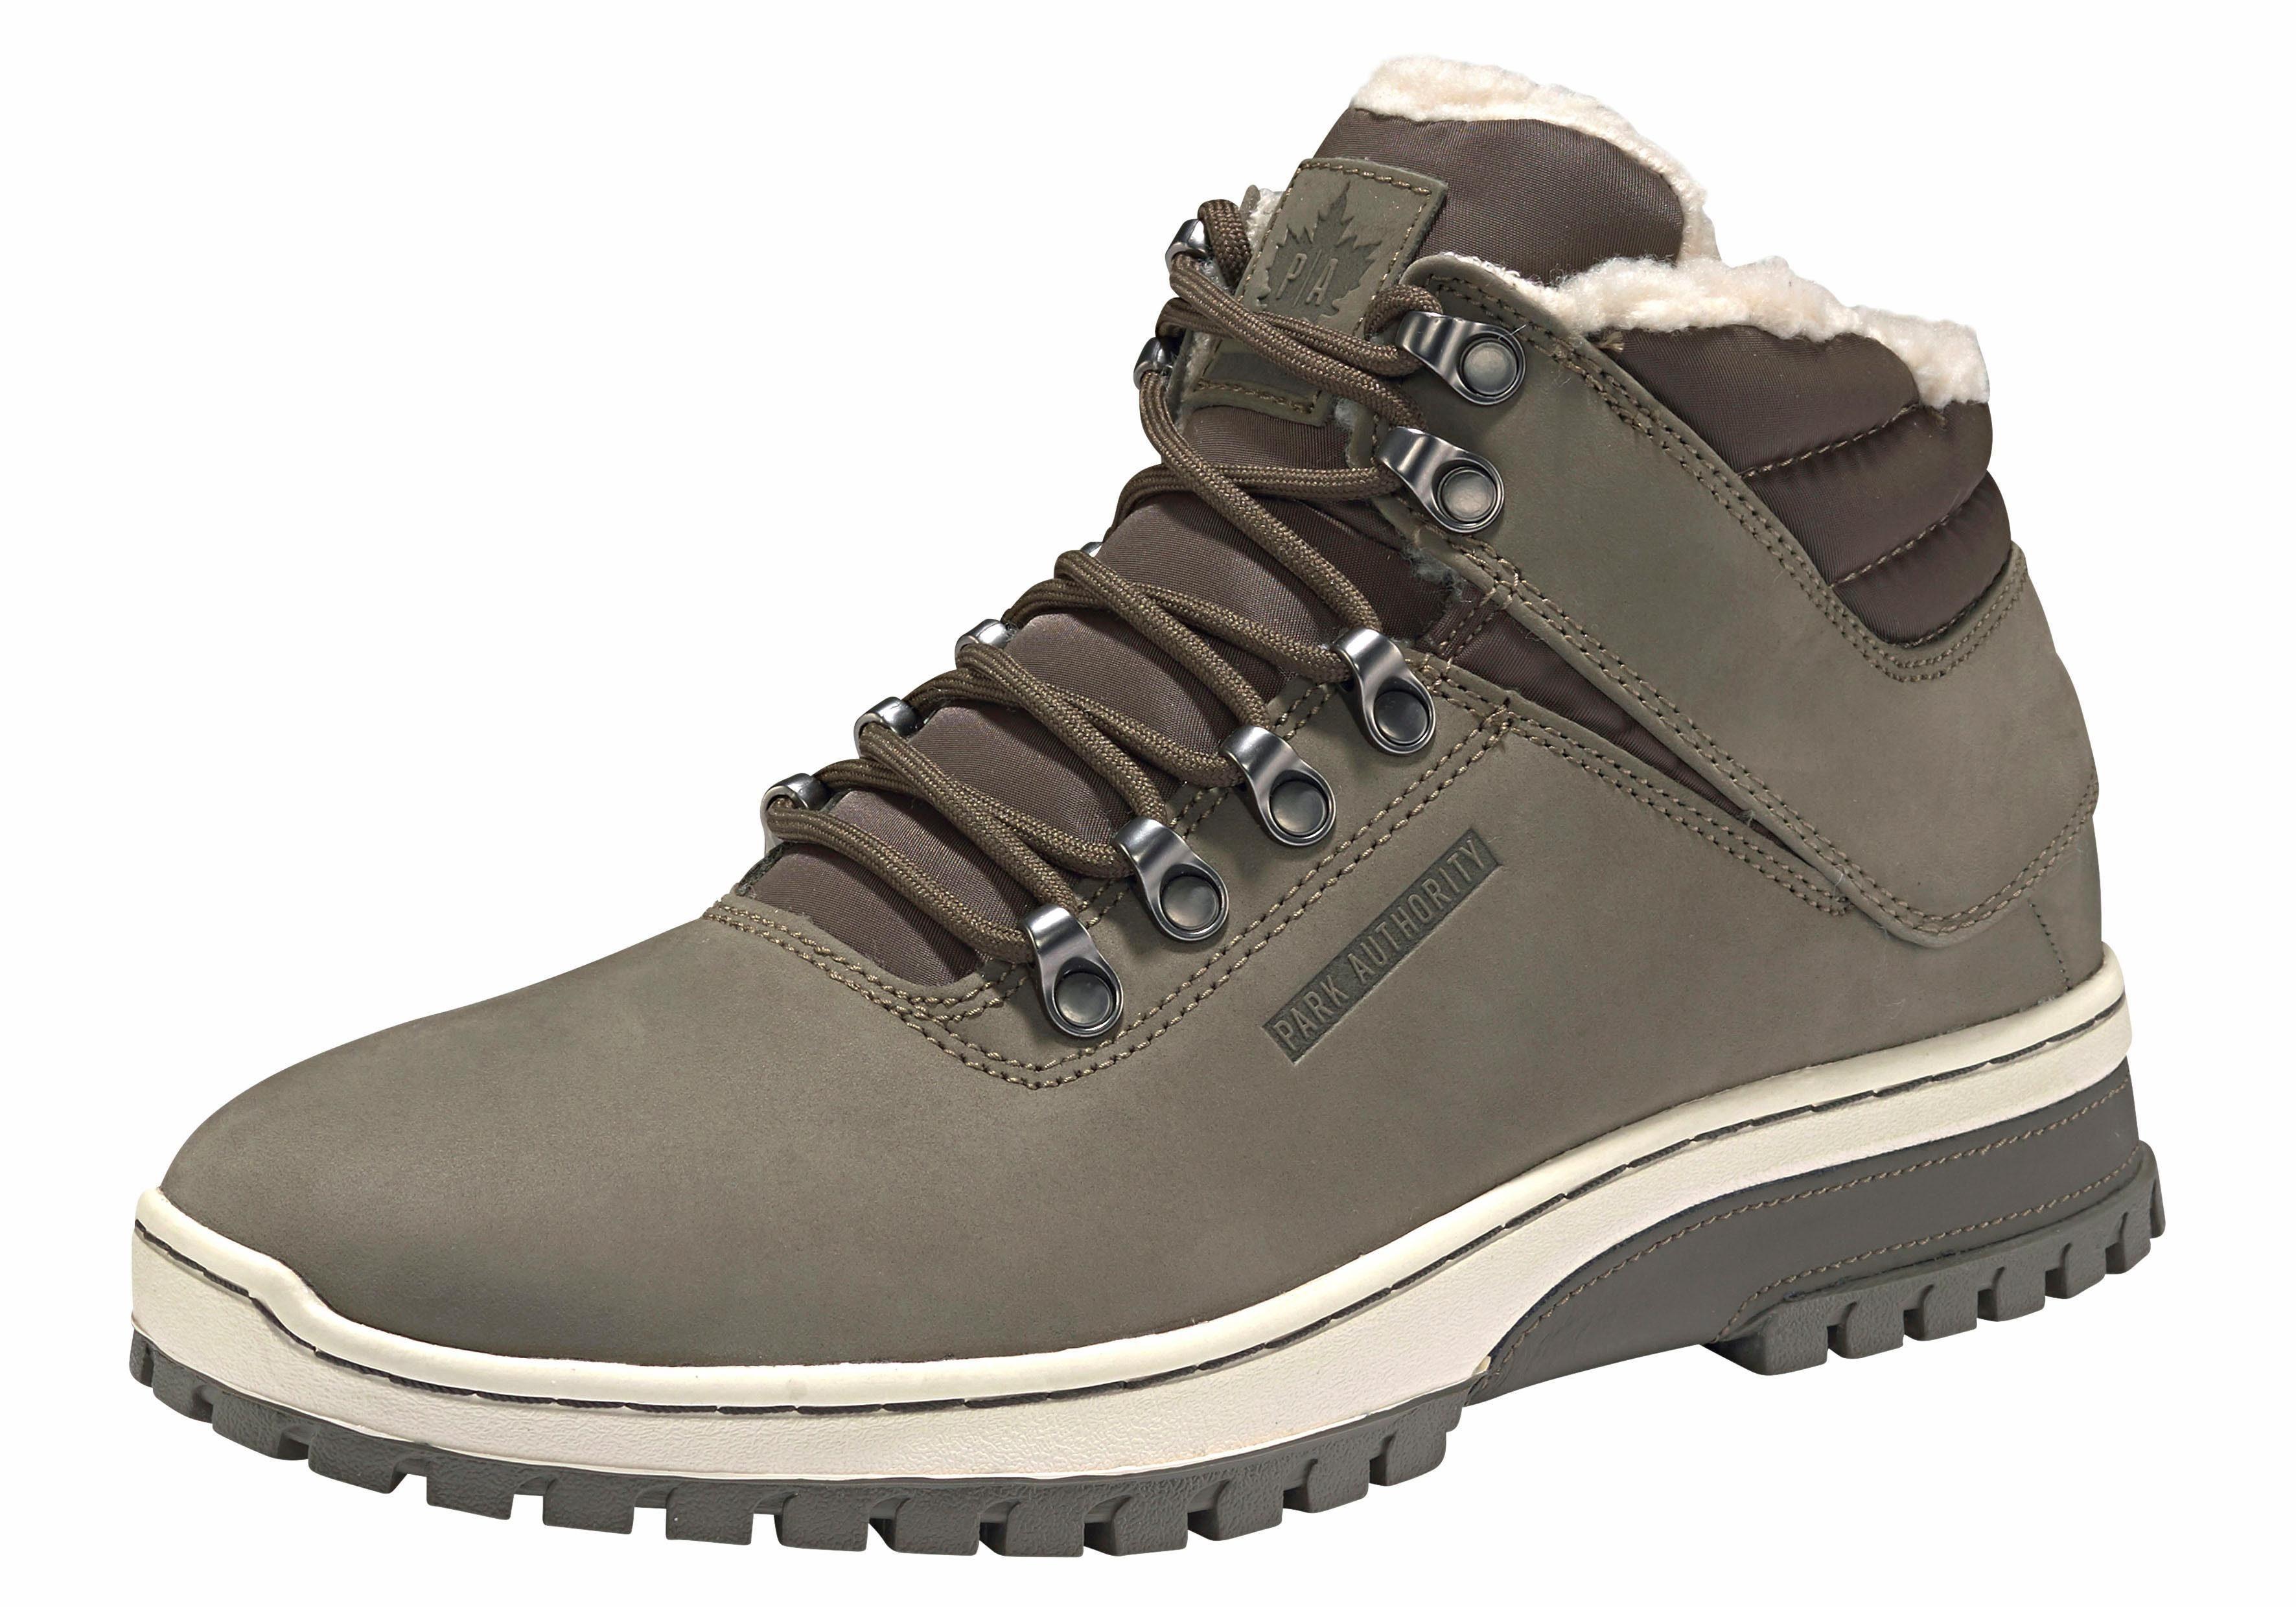 K1x Chaussures Beige Taille 46 Hommes m3X9h77TV